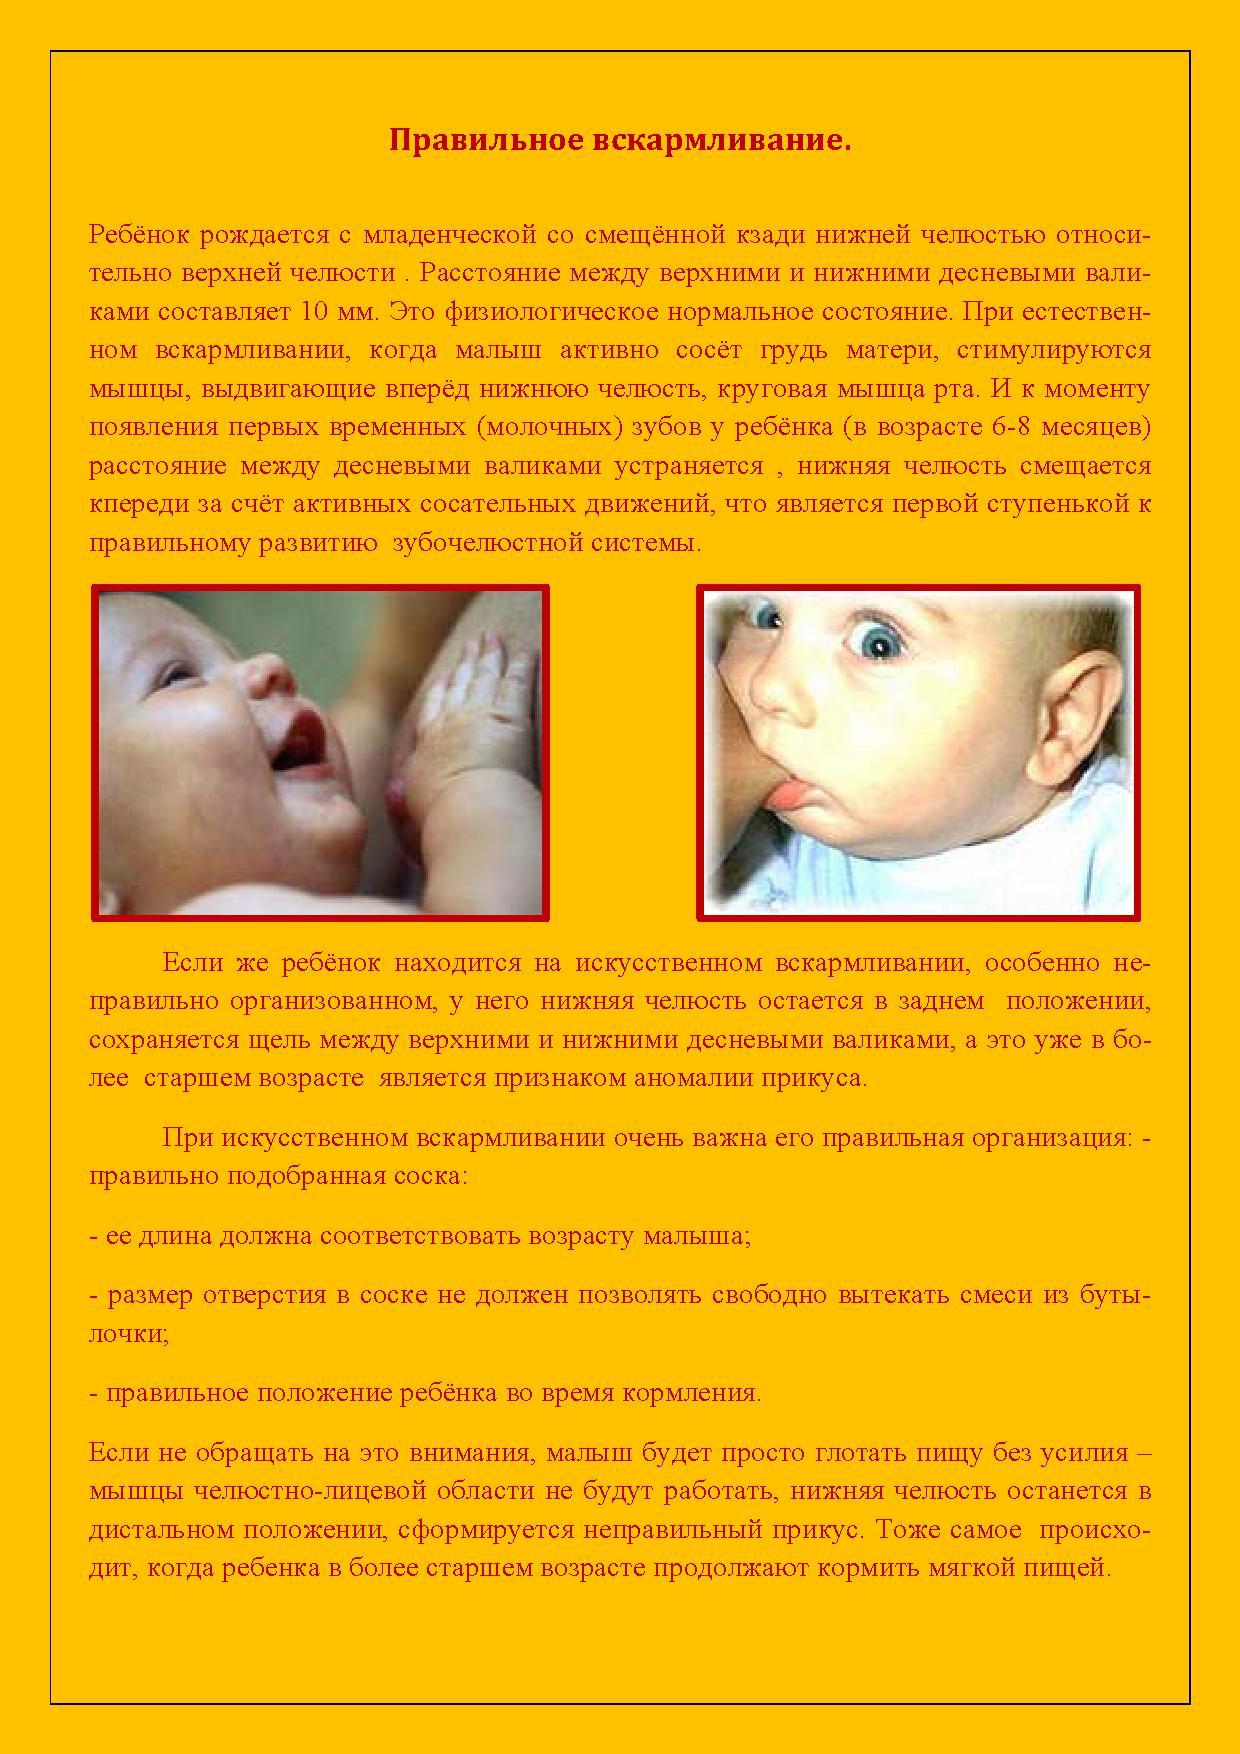 Какими методами проводят исправление прикуса у ребенка?